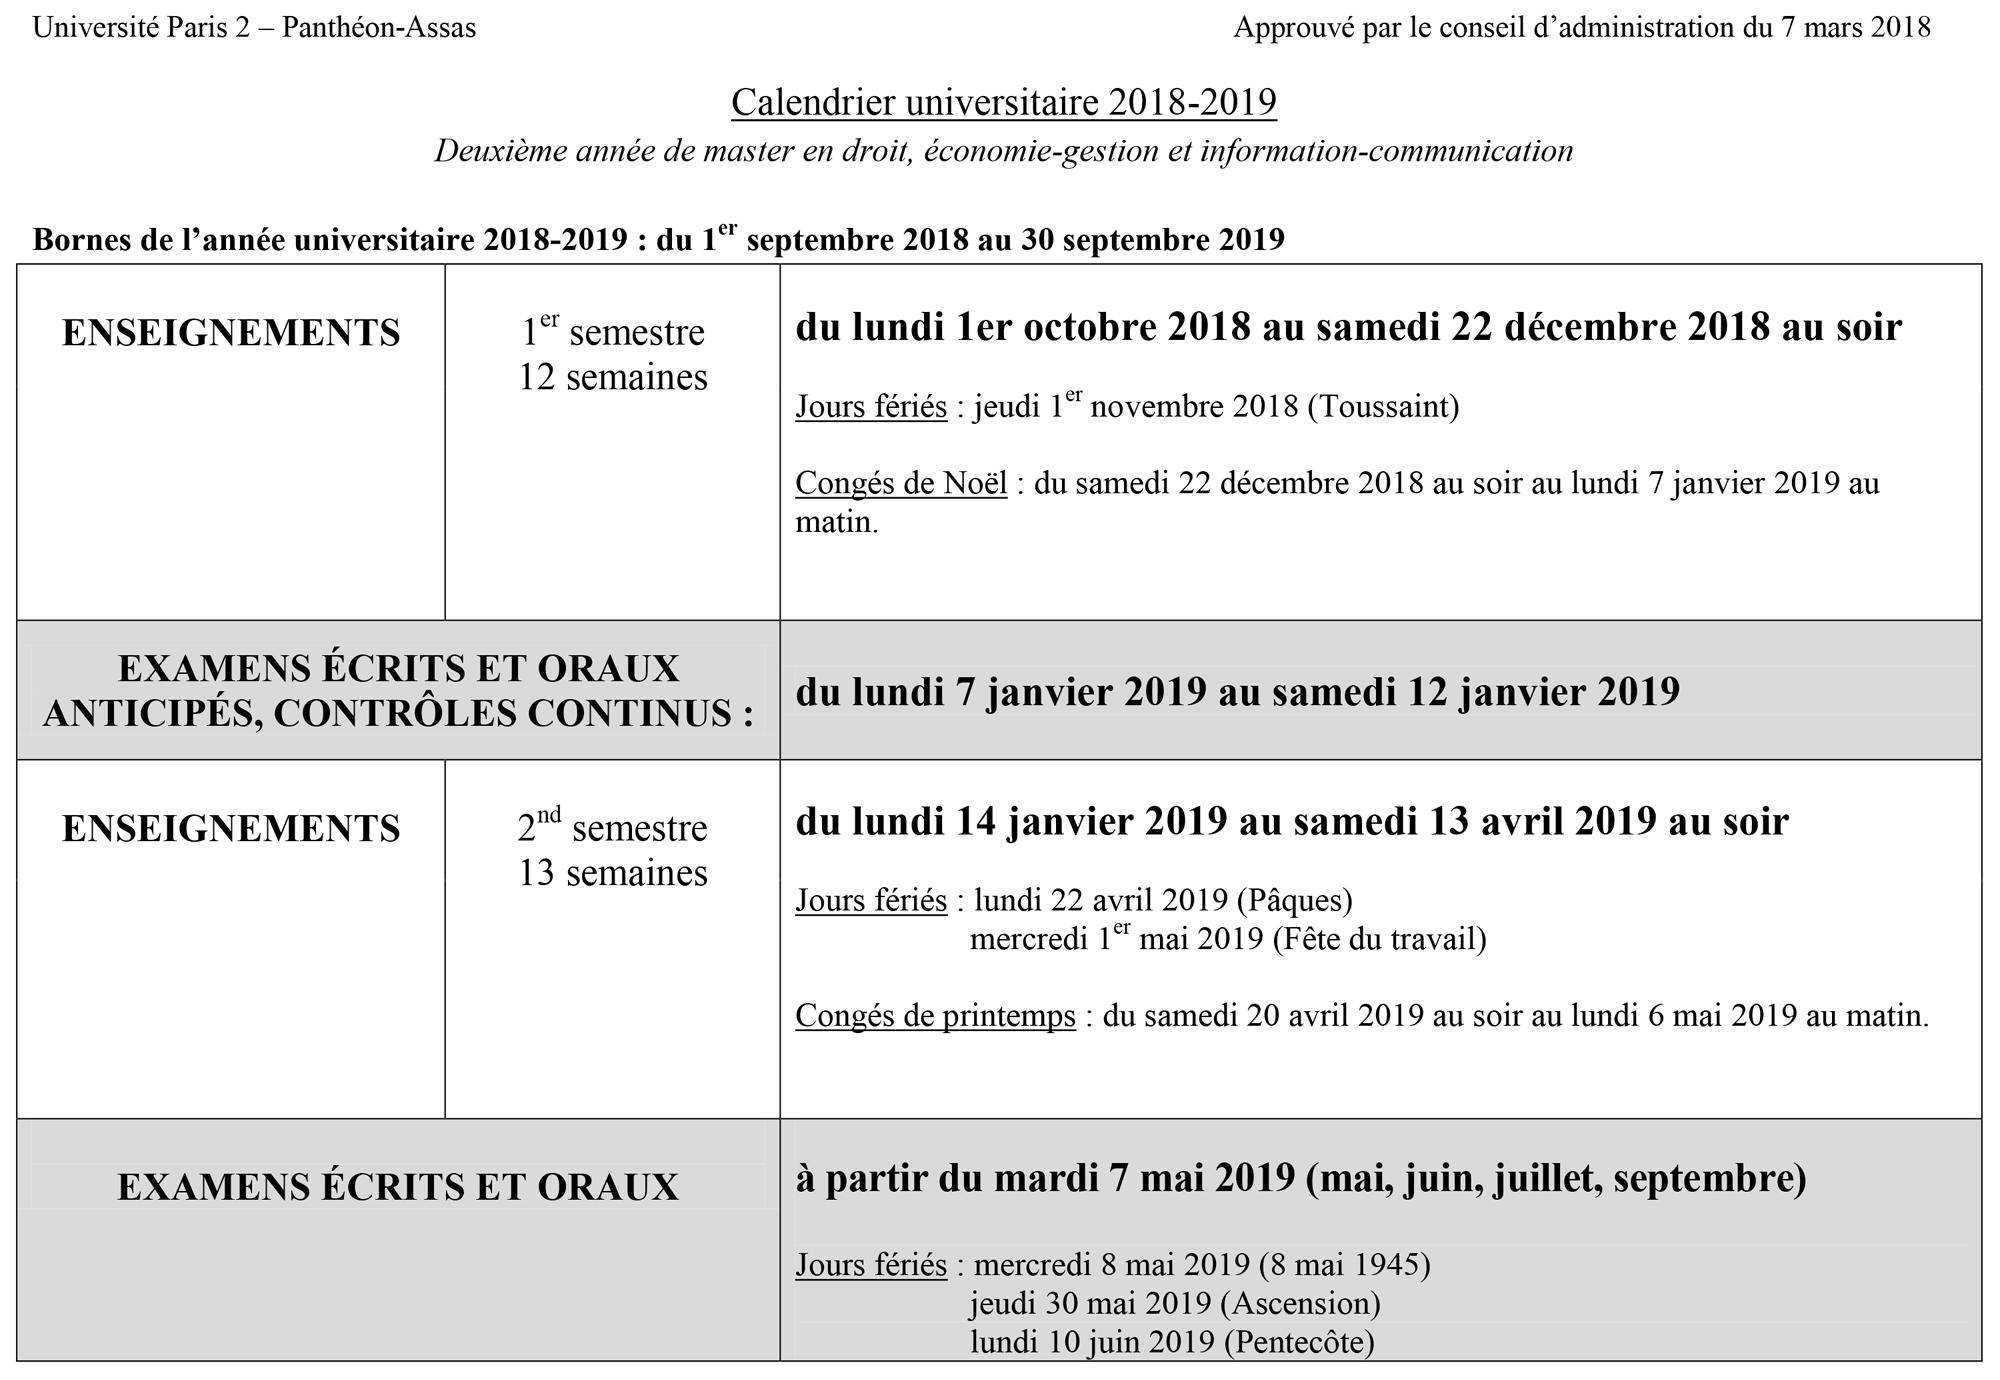 emploi noel 2018 paris Calendrier universitaire | Université Paris 2 Panthéon Assas emploi noel 2018 paris